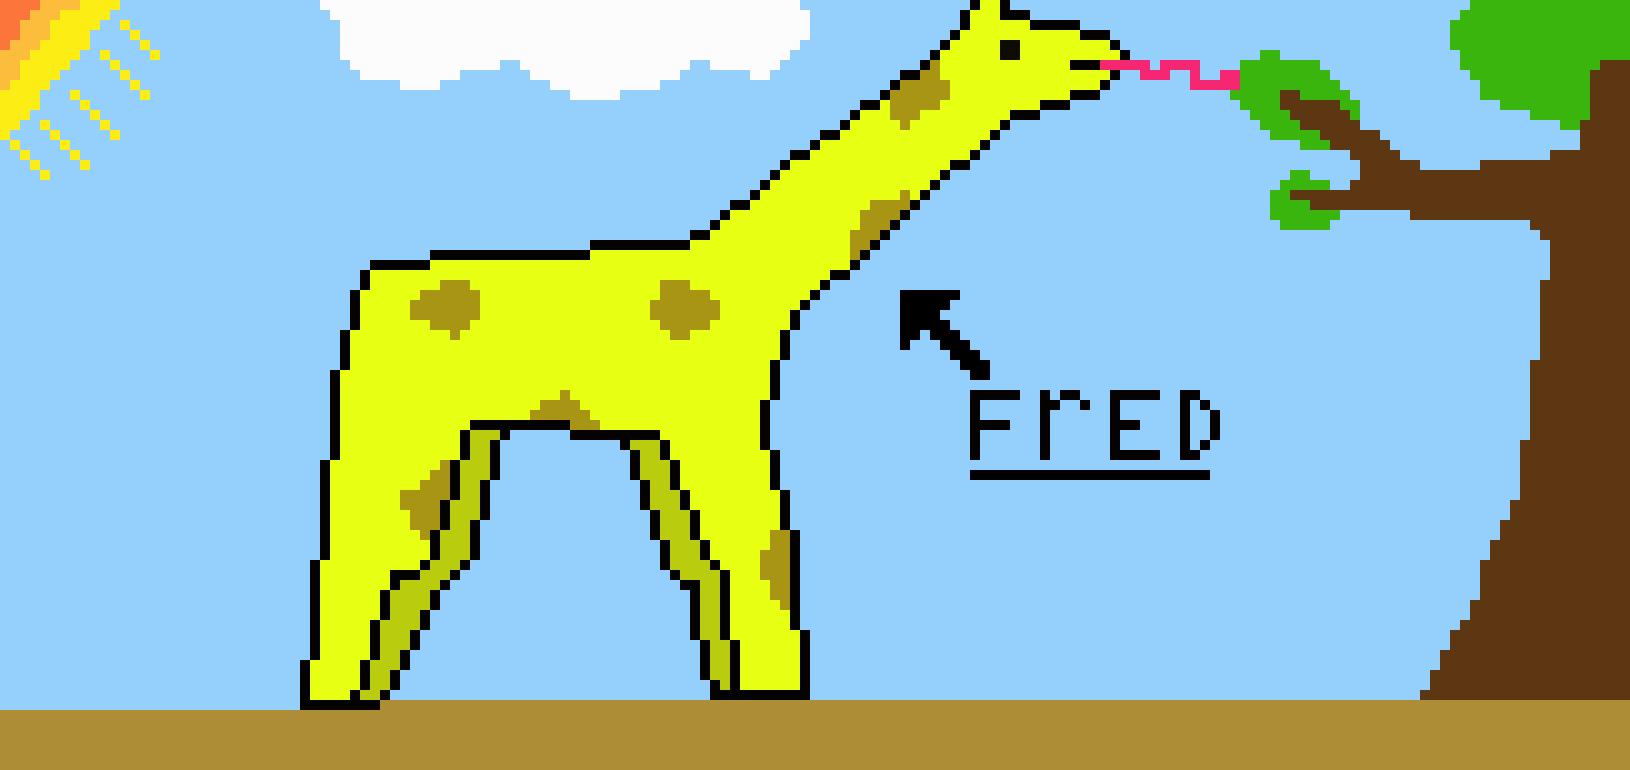 FRED!!!!!!!!!!!!XDXDXDXDXD